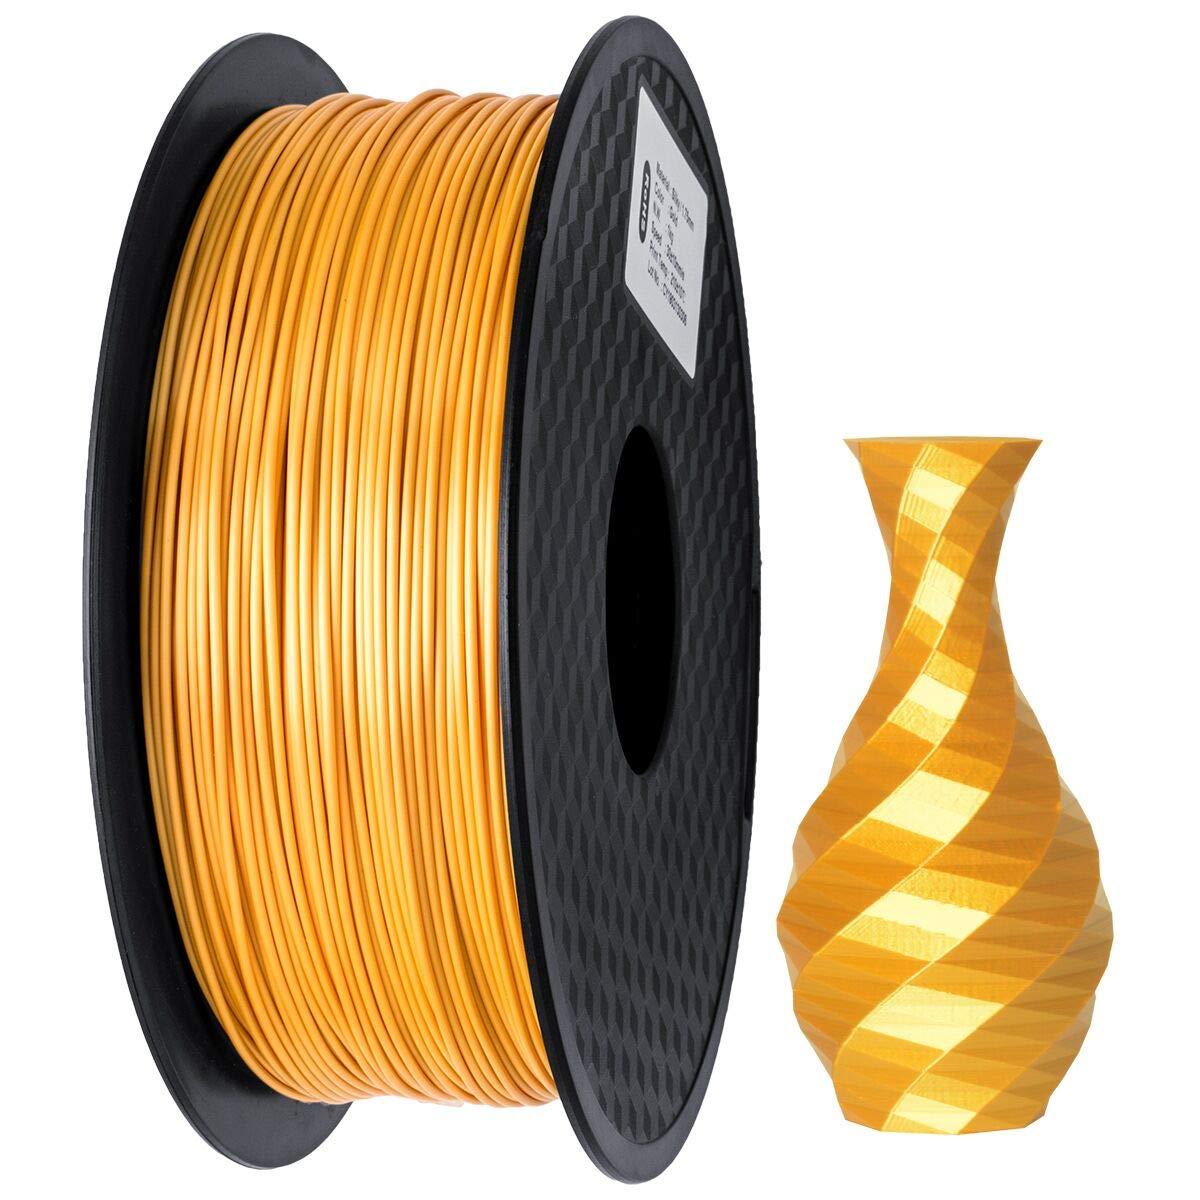 Impresora 3D PLA Filamento 1 kg Carrete GIANTARM Filamento PLA 1.75mm Silk P/úrpura